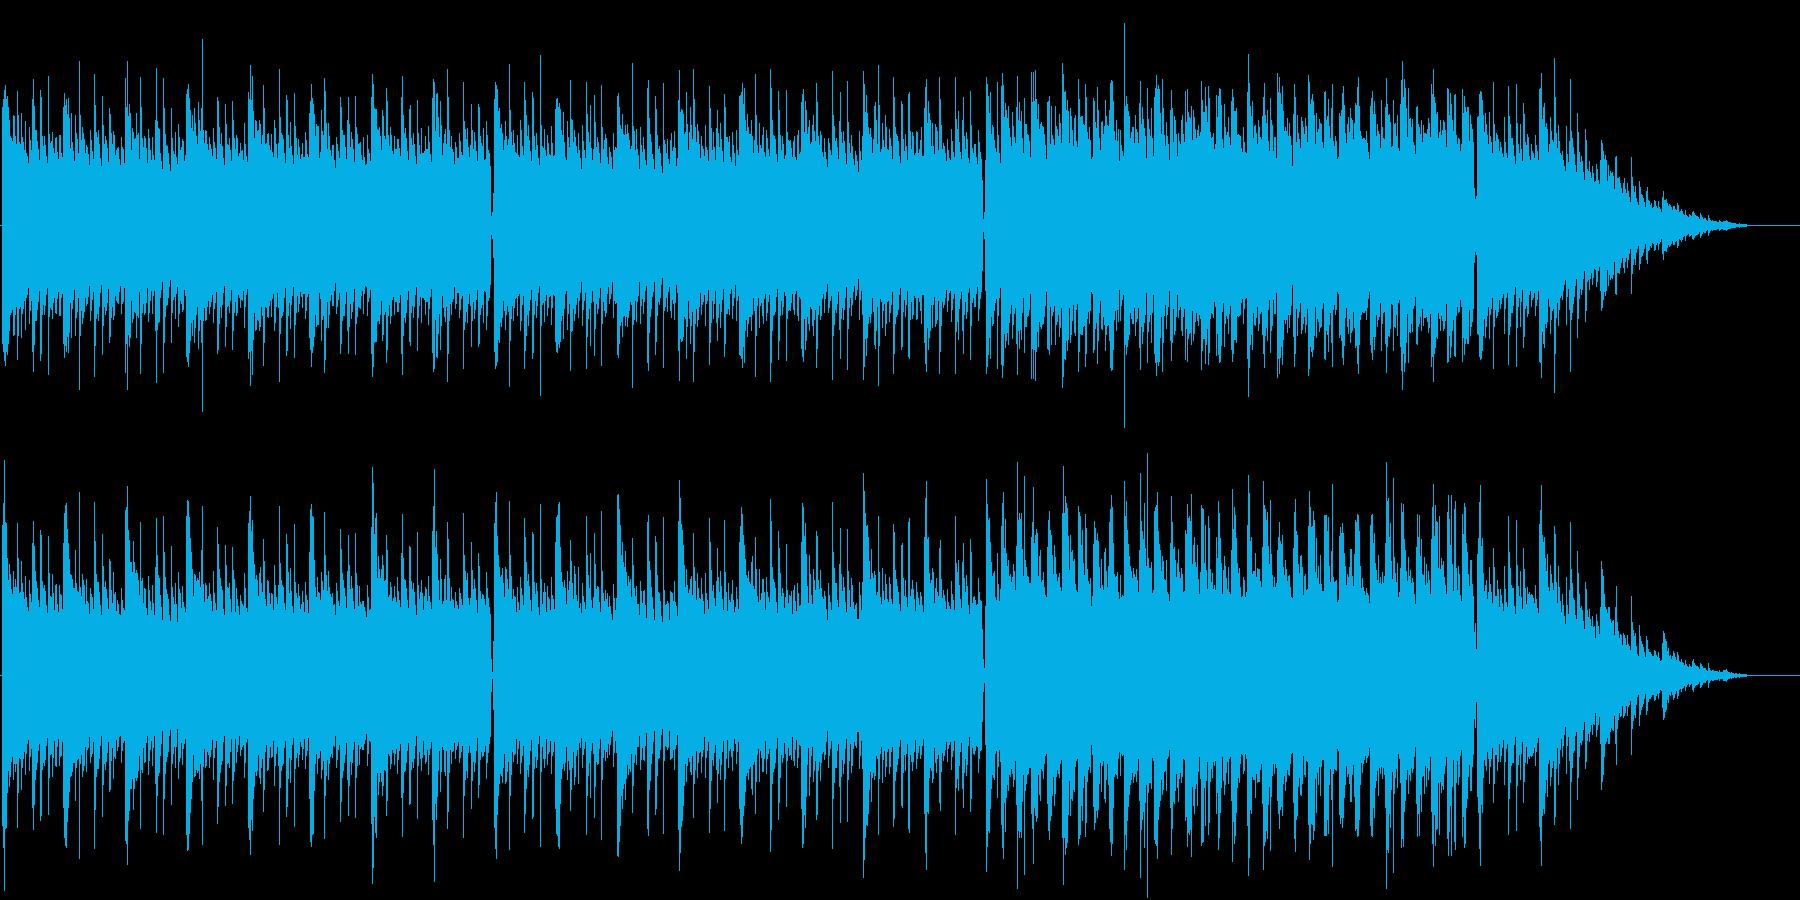 ノスタルジックで飽きないバロック風の再生済みの波形